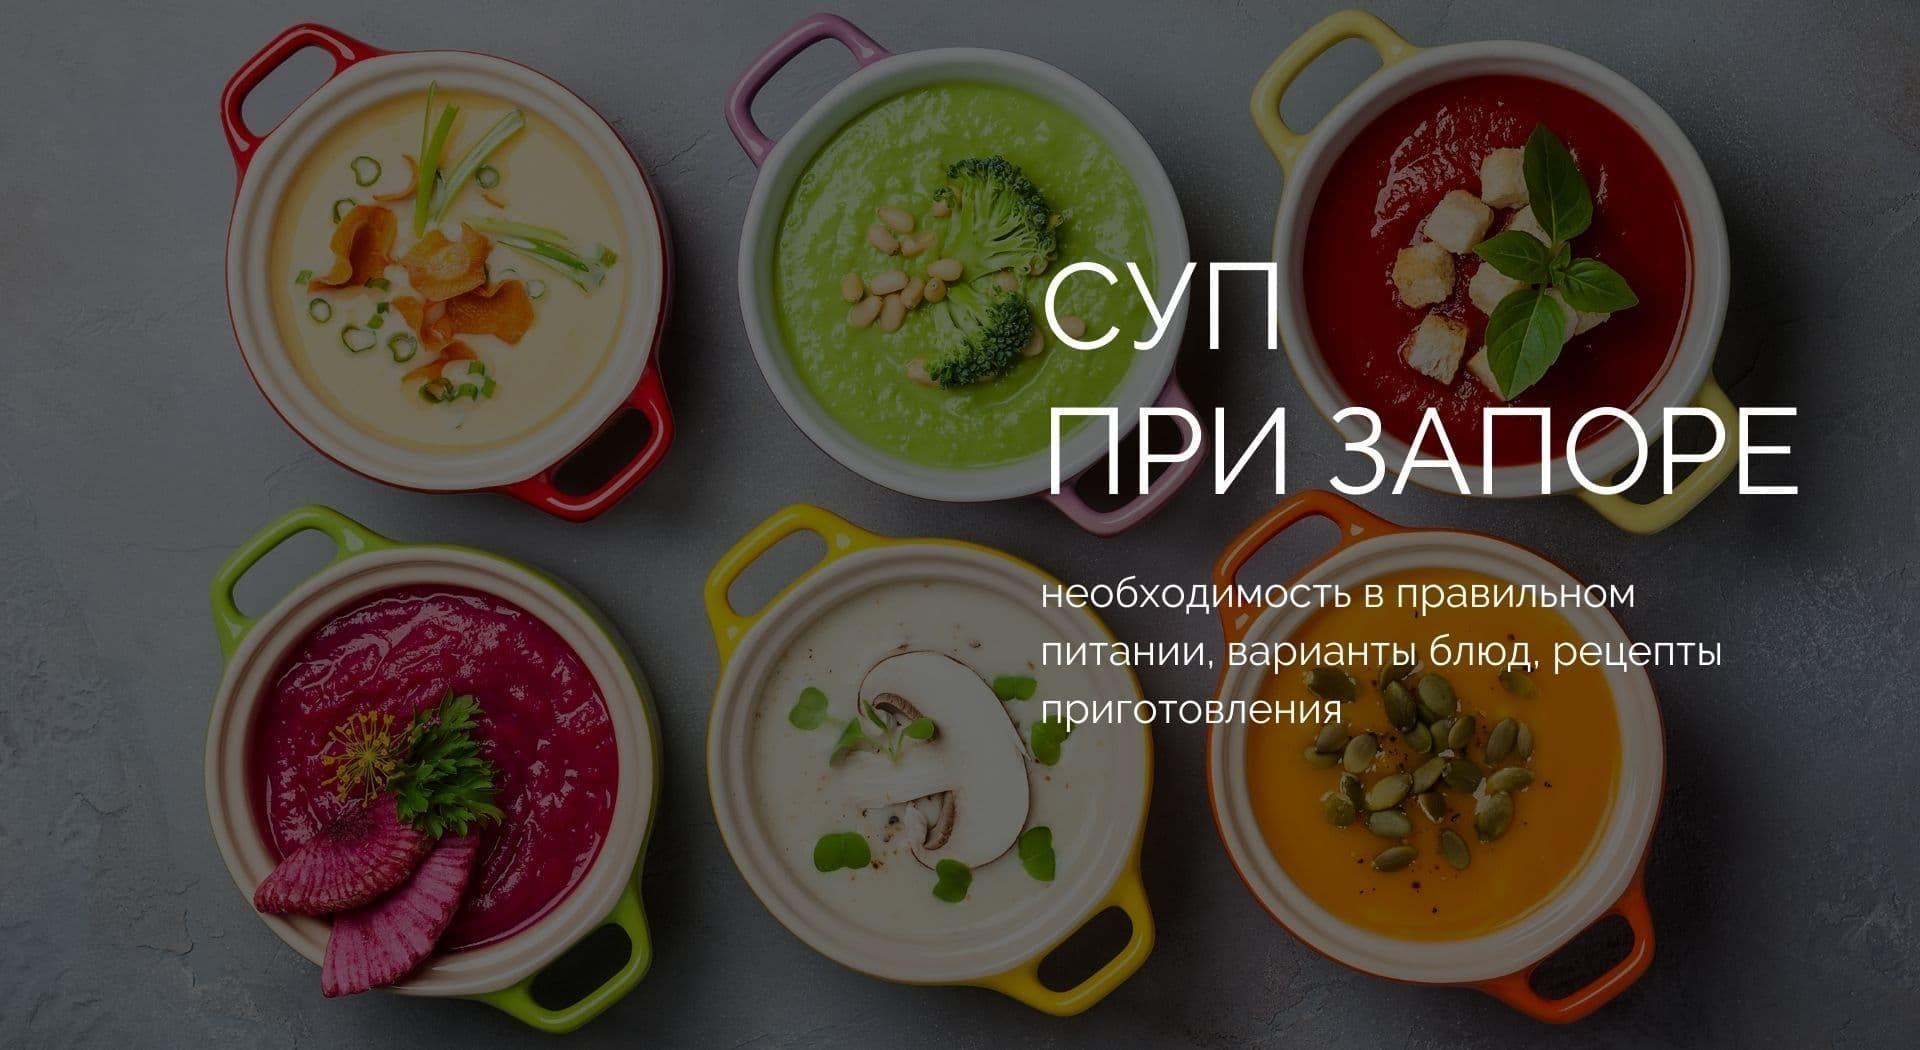 Суп при запоре: необходимость в правильном питании, варианты блюд, рецепты приготовления